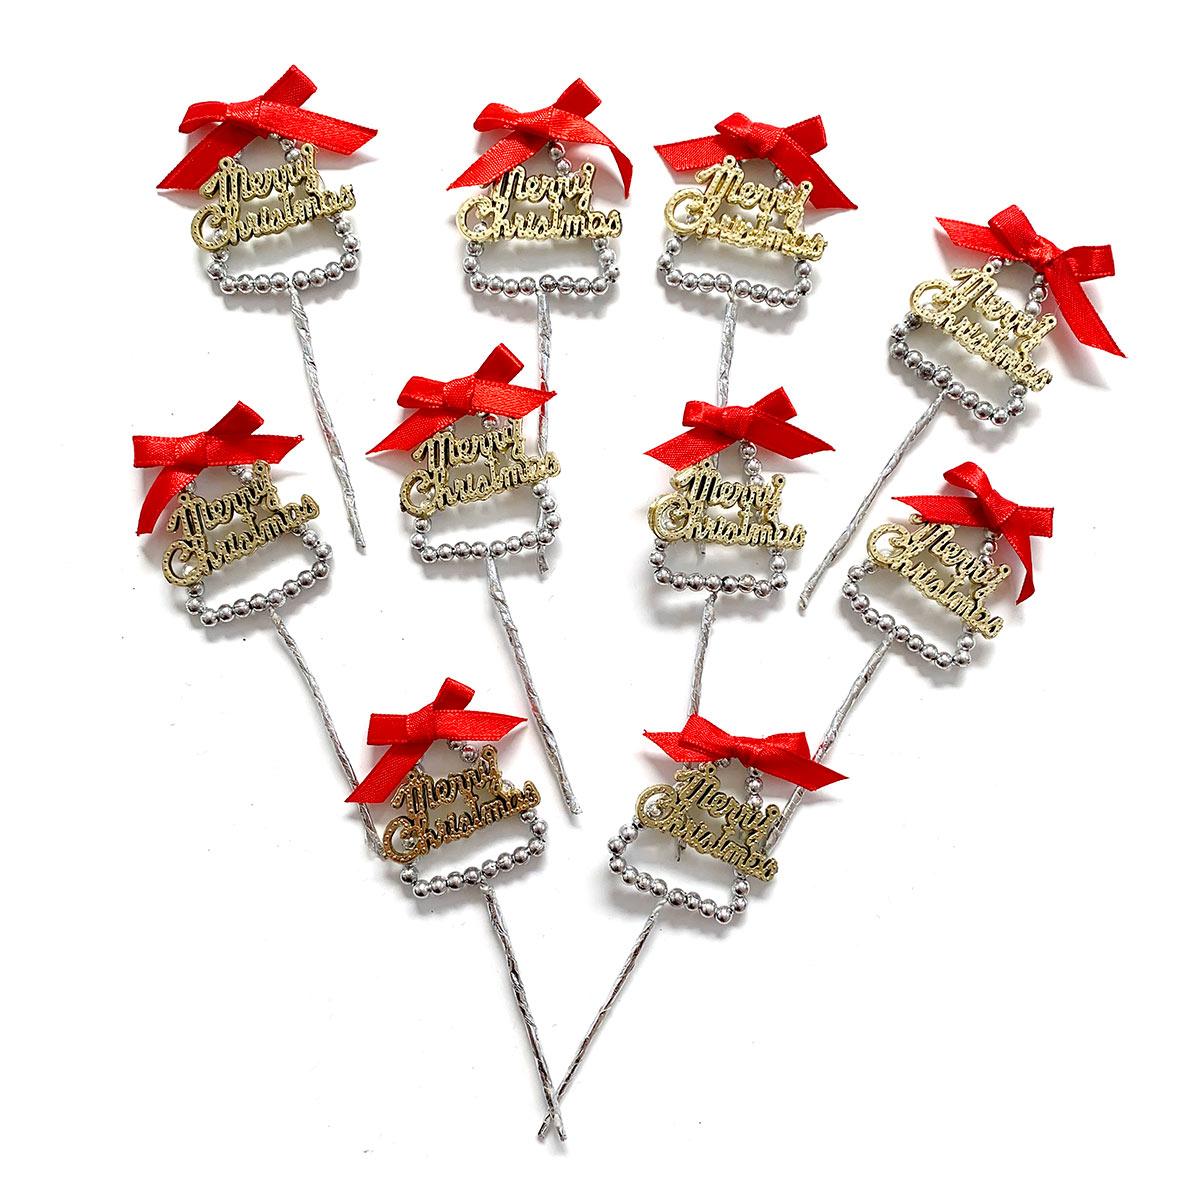 ケーキピック メール便対応 クリスマスケーキ 飾り オーナメント まとめ買い特価 大決算セール FX-7 ビーズがお洒落なメリークリスマスと赤いリボン 10本入